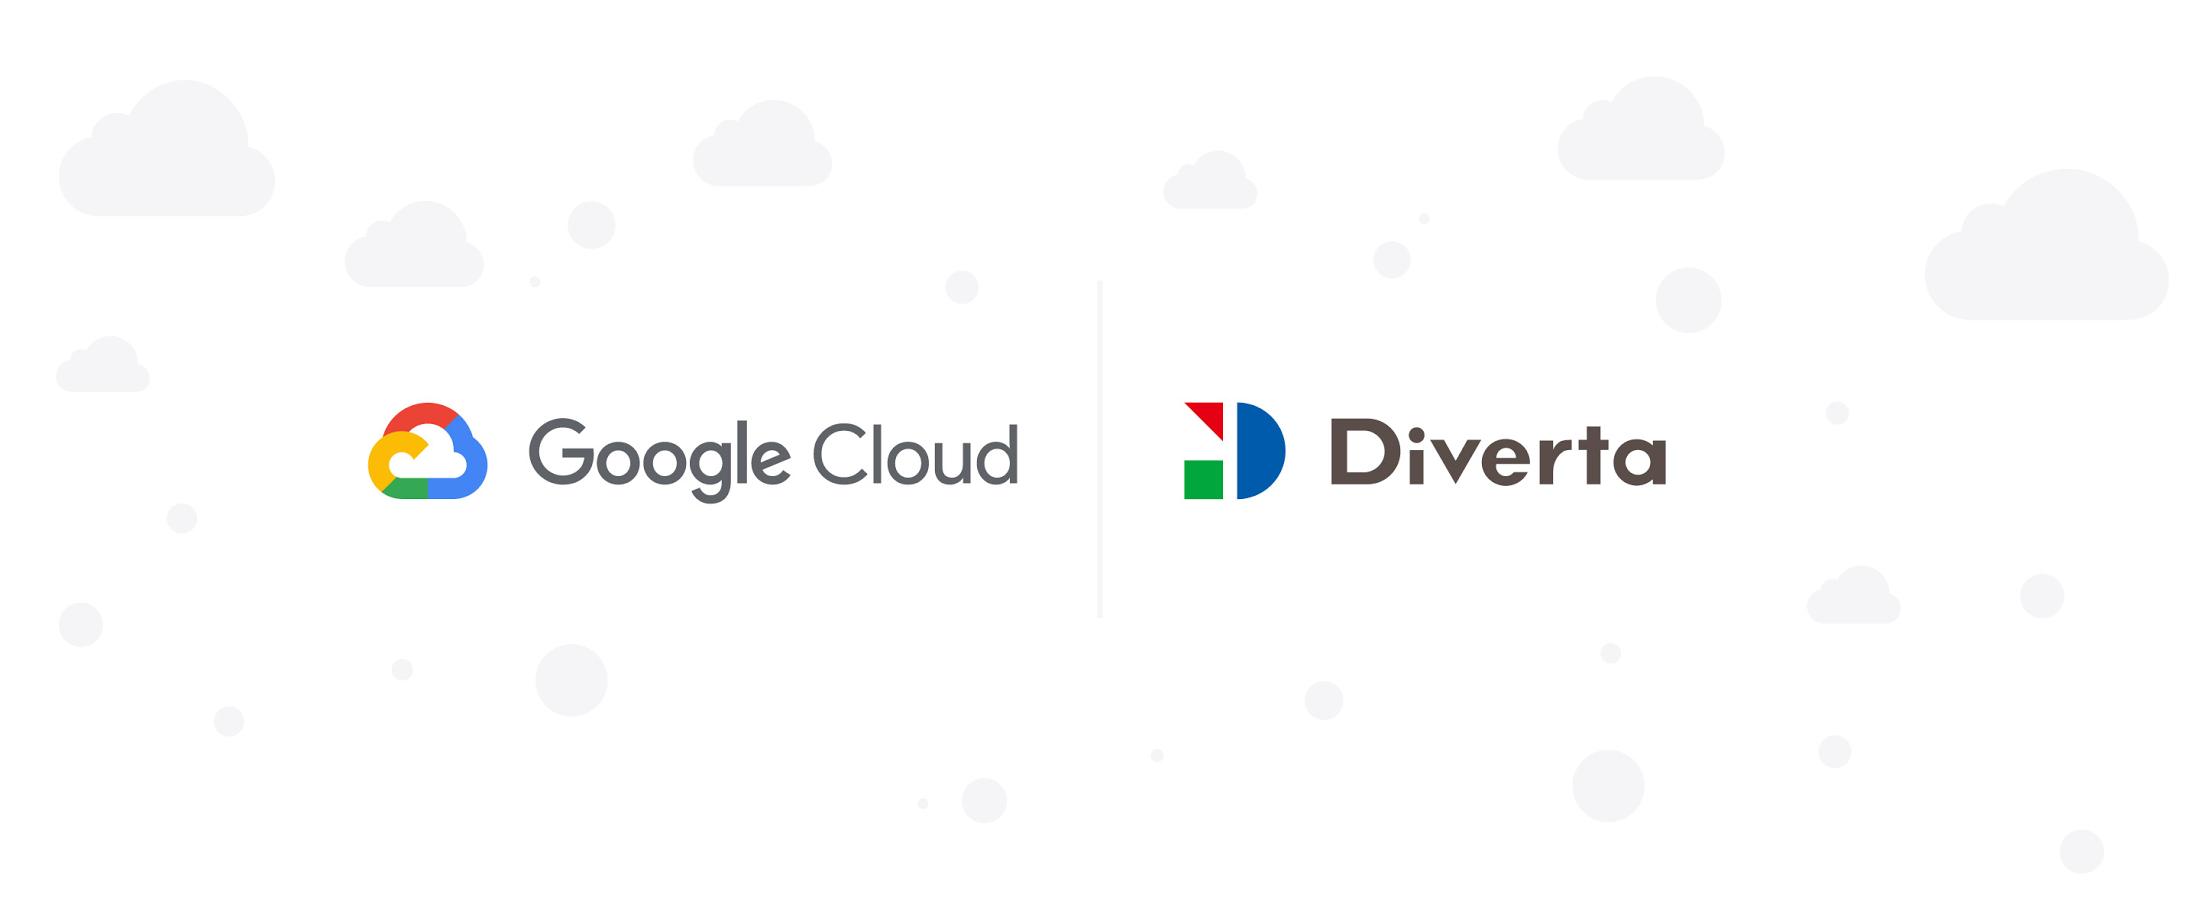 株式会社ディバータ:Kubernetes を活用したクラウド ネイティブ開発によるヘッドレス CMS の構築で、メンテナンス性や拡張性を向上